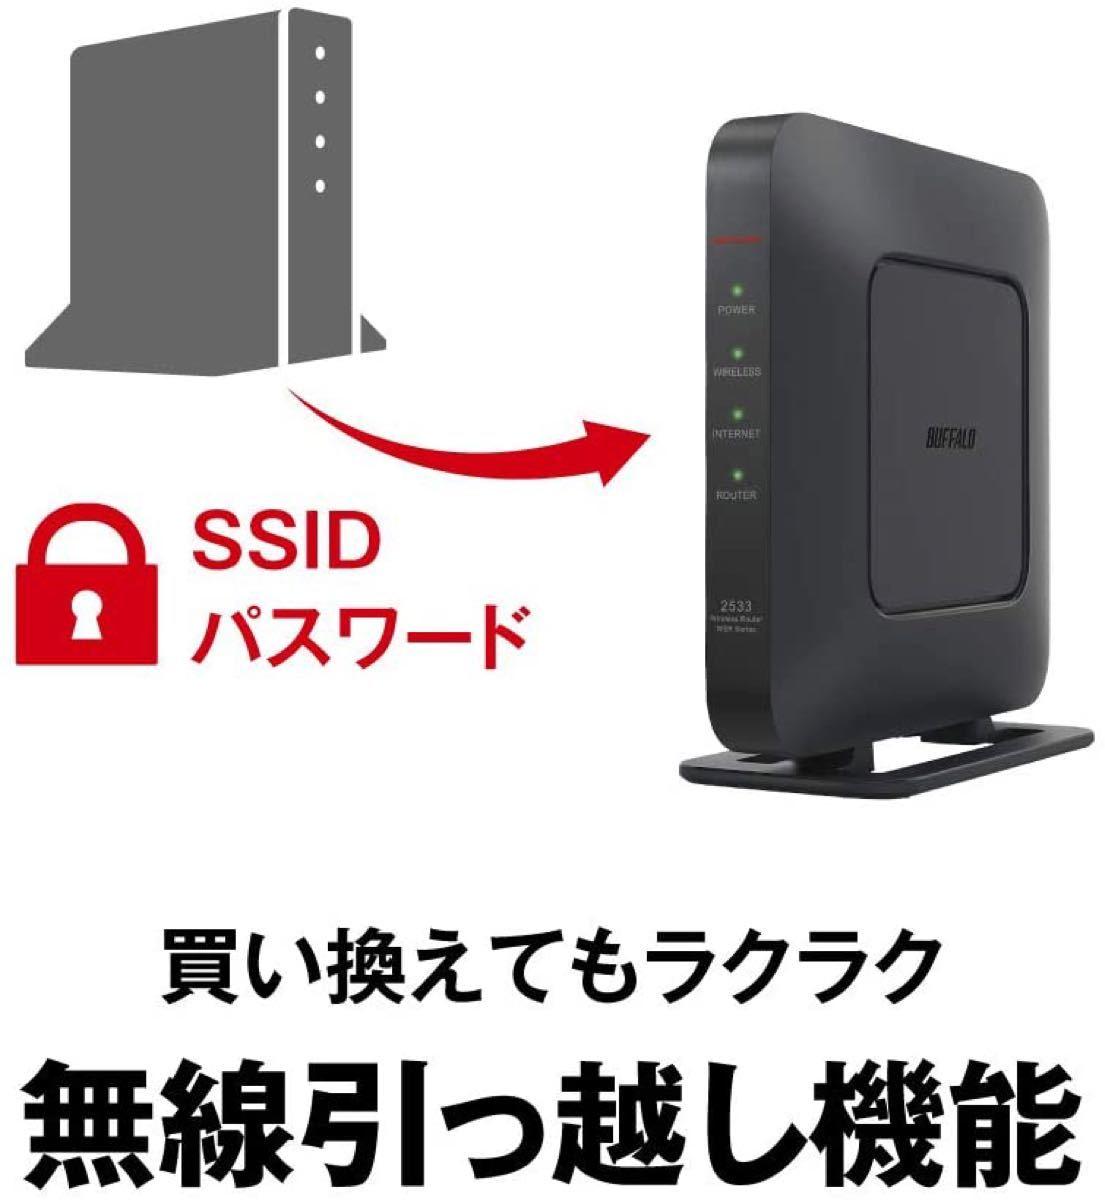 バッファロー 無線LAN親機 WSR-2533DHPL2-BK ブラック WiFiルーター 1733+800Mbps IPv6